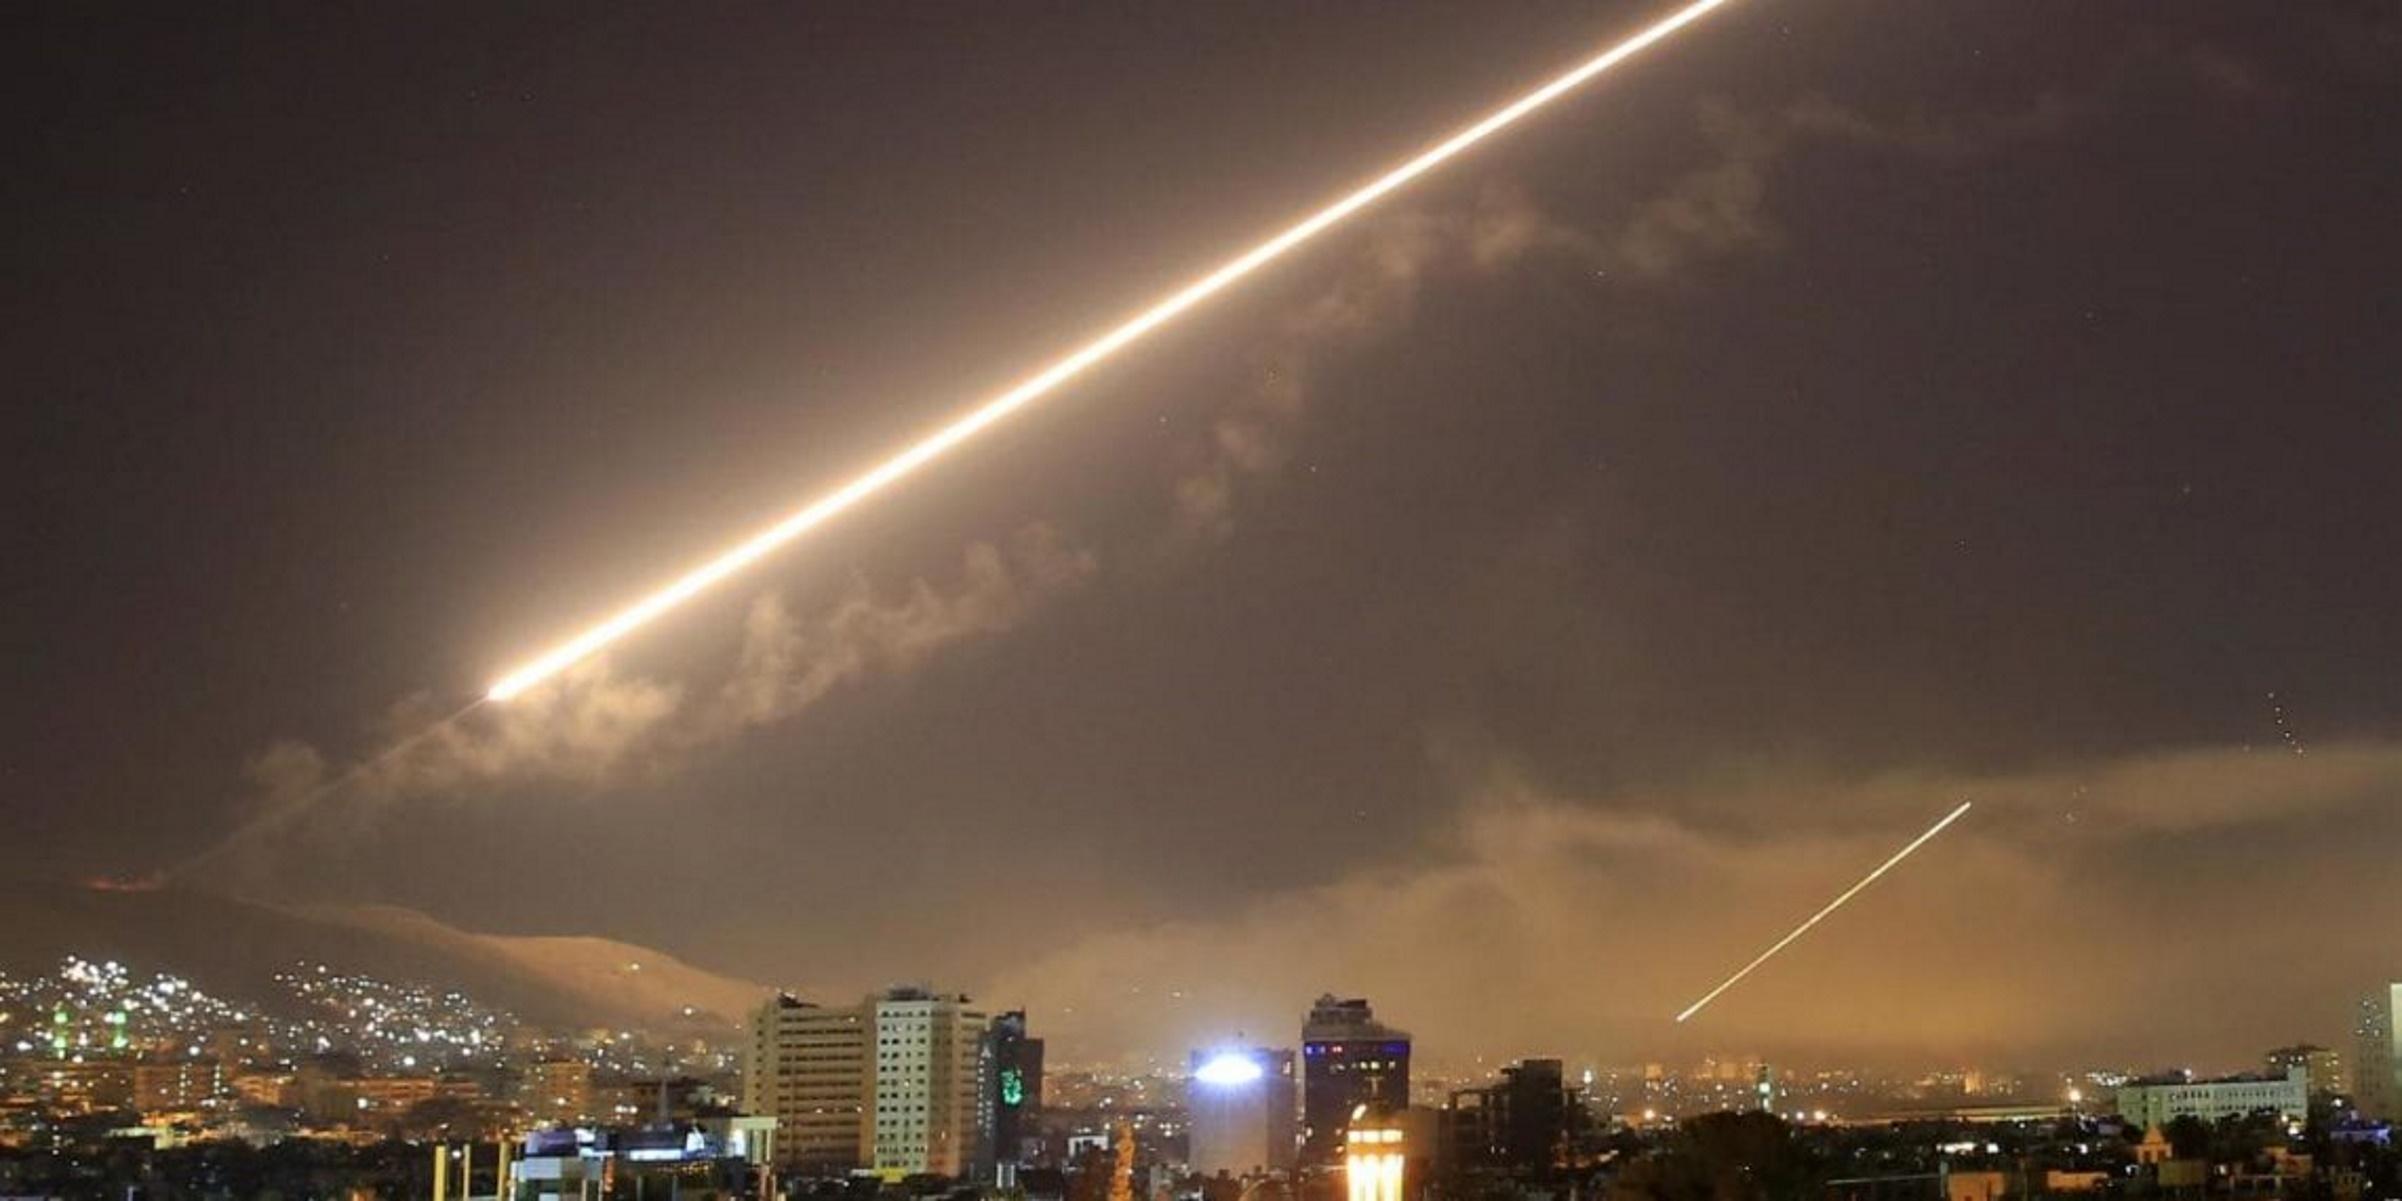 Δεν έχουν σταματημό οι αεροπορικές επιθέσεις του Ισραήλ στη Συρία – Νέα επιδρομή στη Δαμασκό